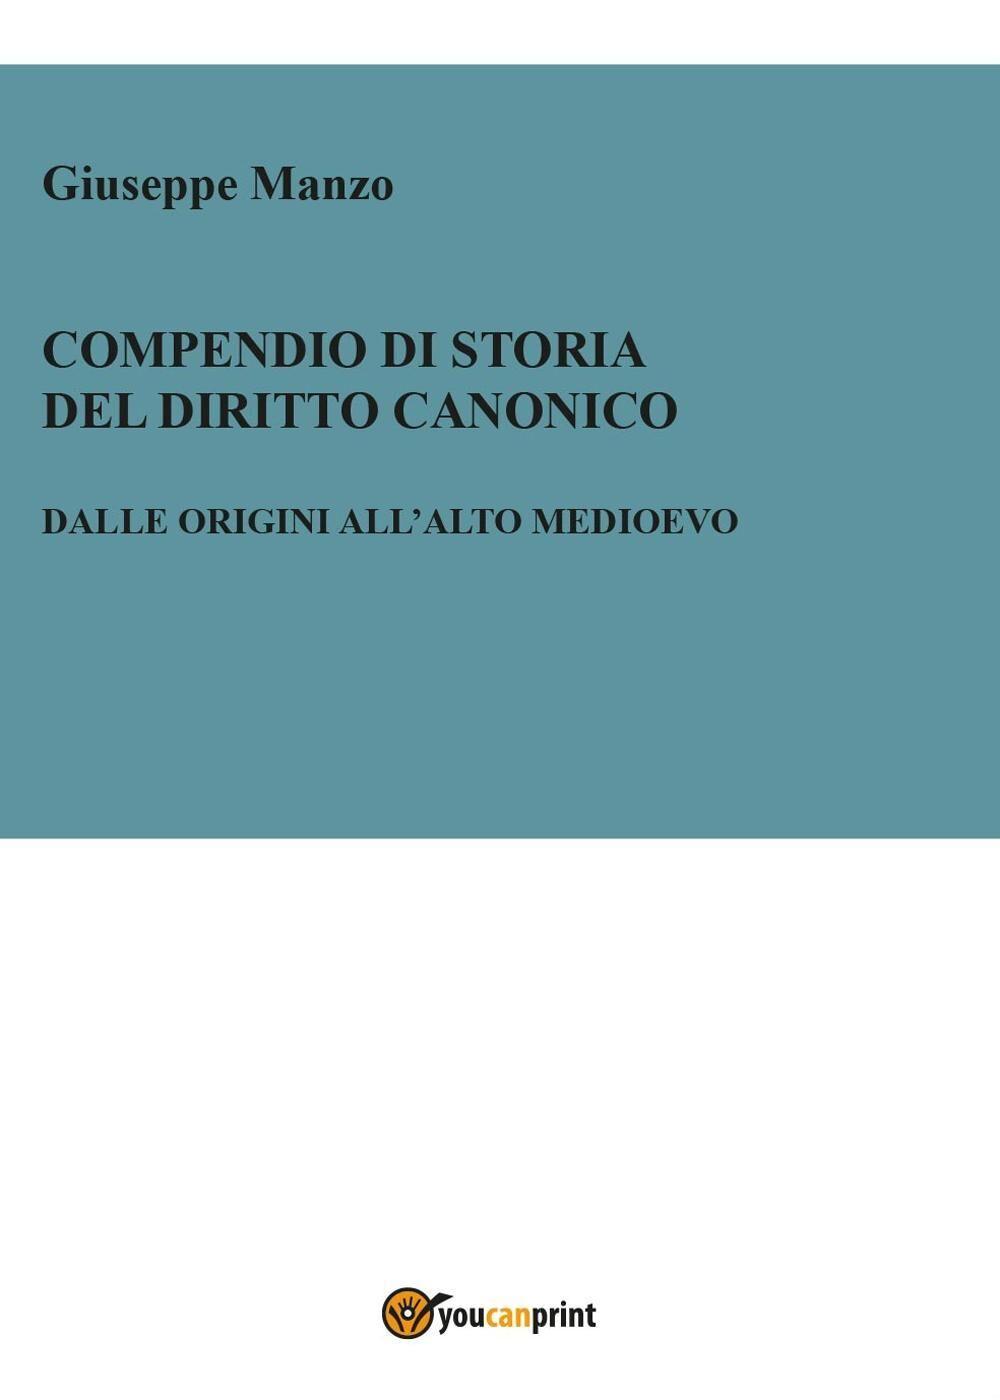 Compendio di storia del diritto canonico. Dalle origini all'Alto Medioevo